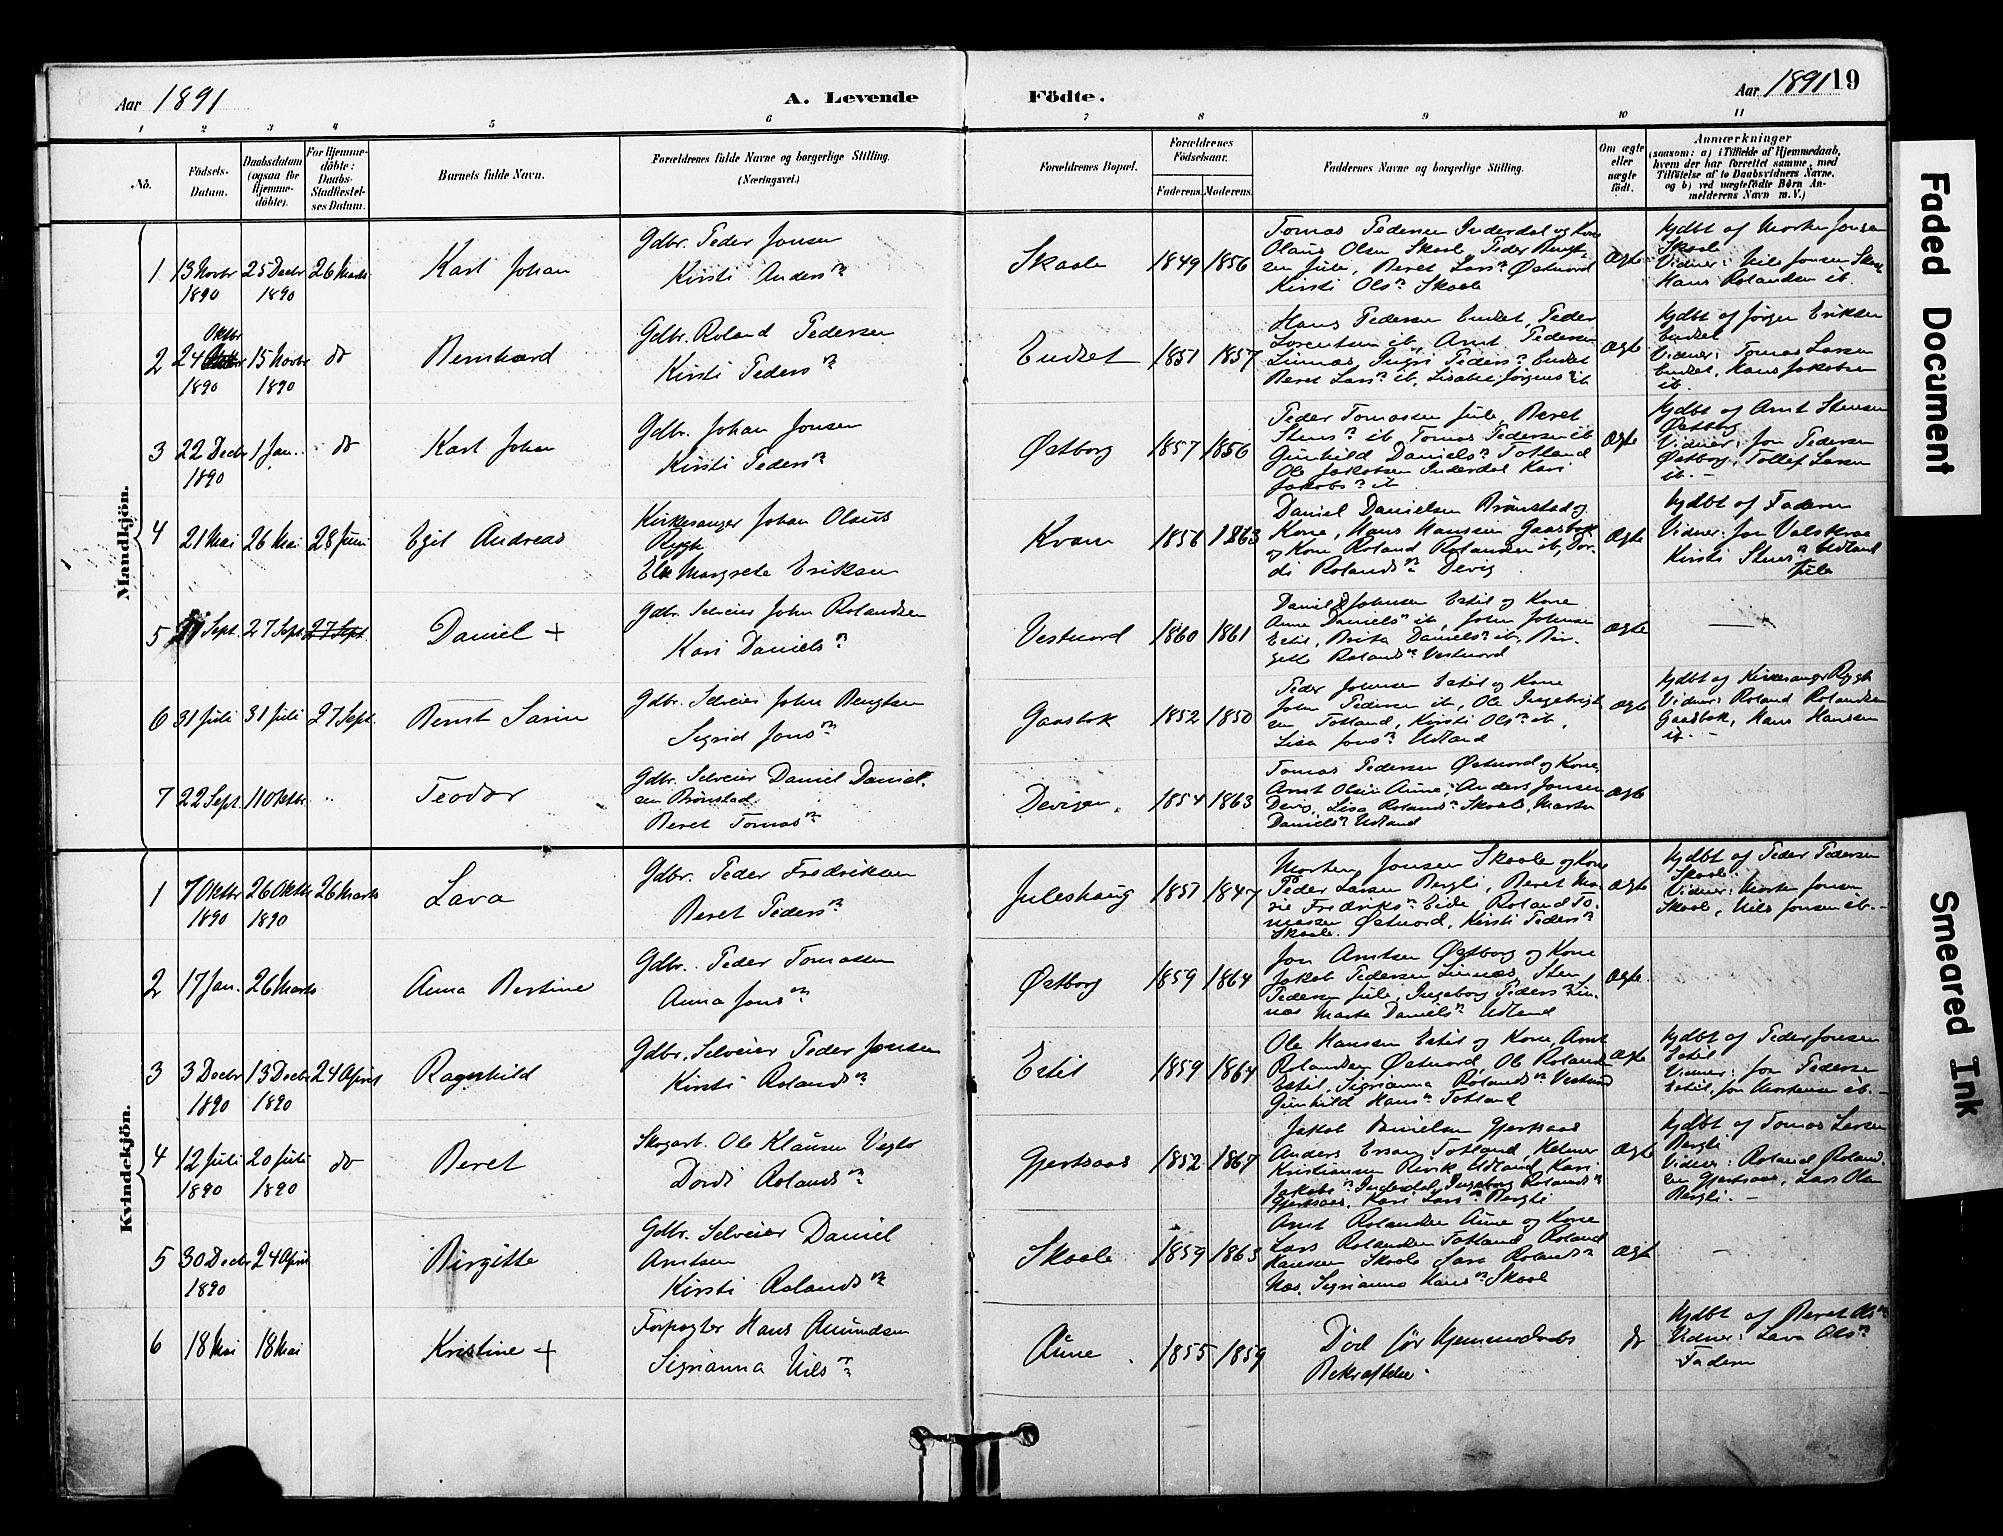 SAT, Ministerialprotokoller, klokkerbøker og fødselsregistre - Nord-Trøndelag, 757/L0505: Ministerialbok nr. 757A01, 1882-1904, s. 19